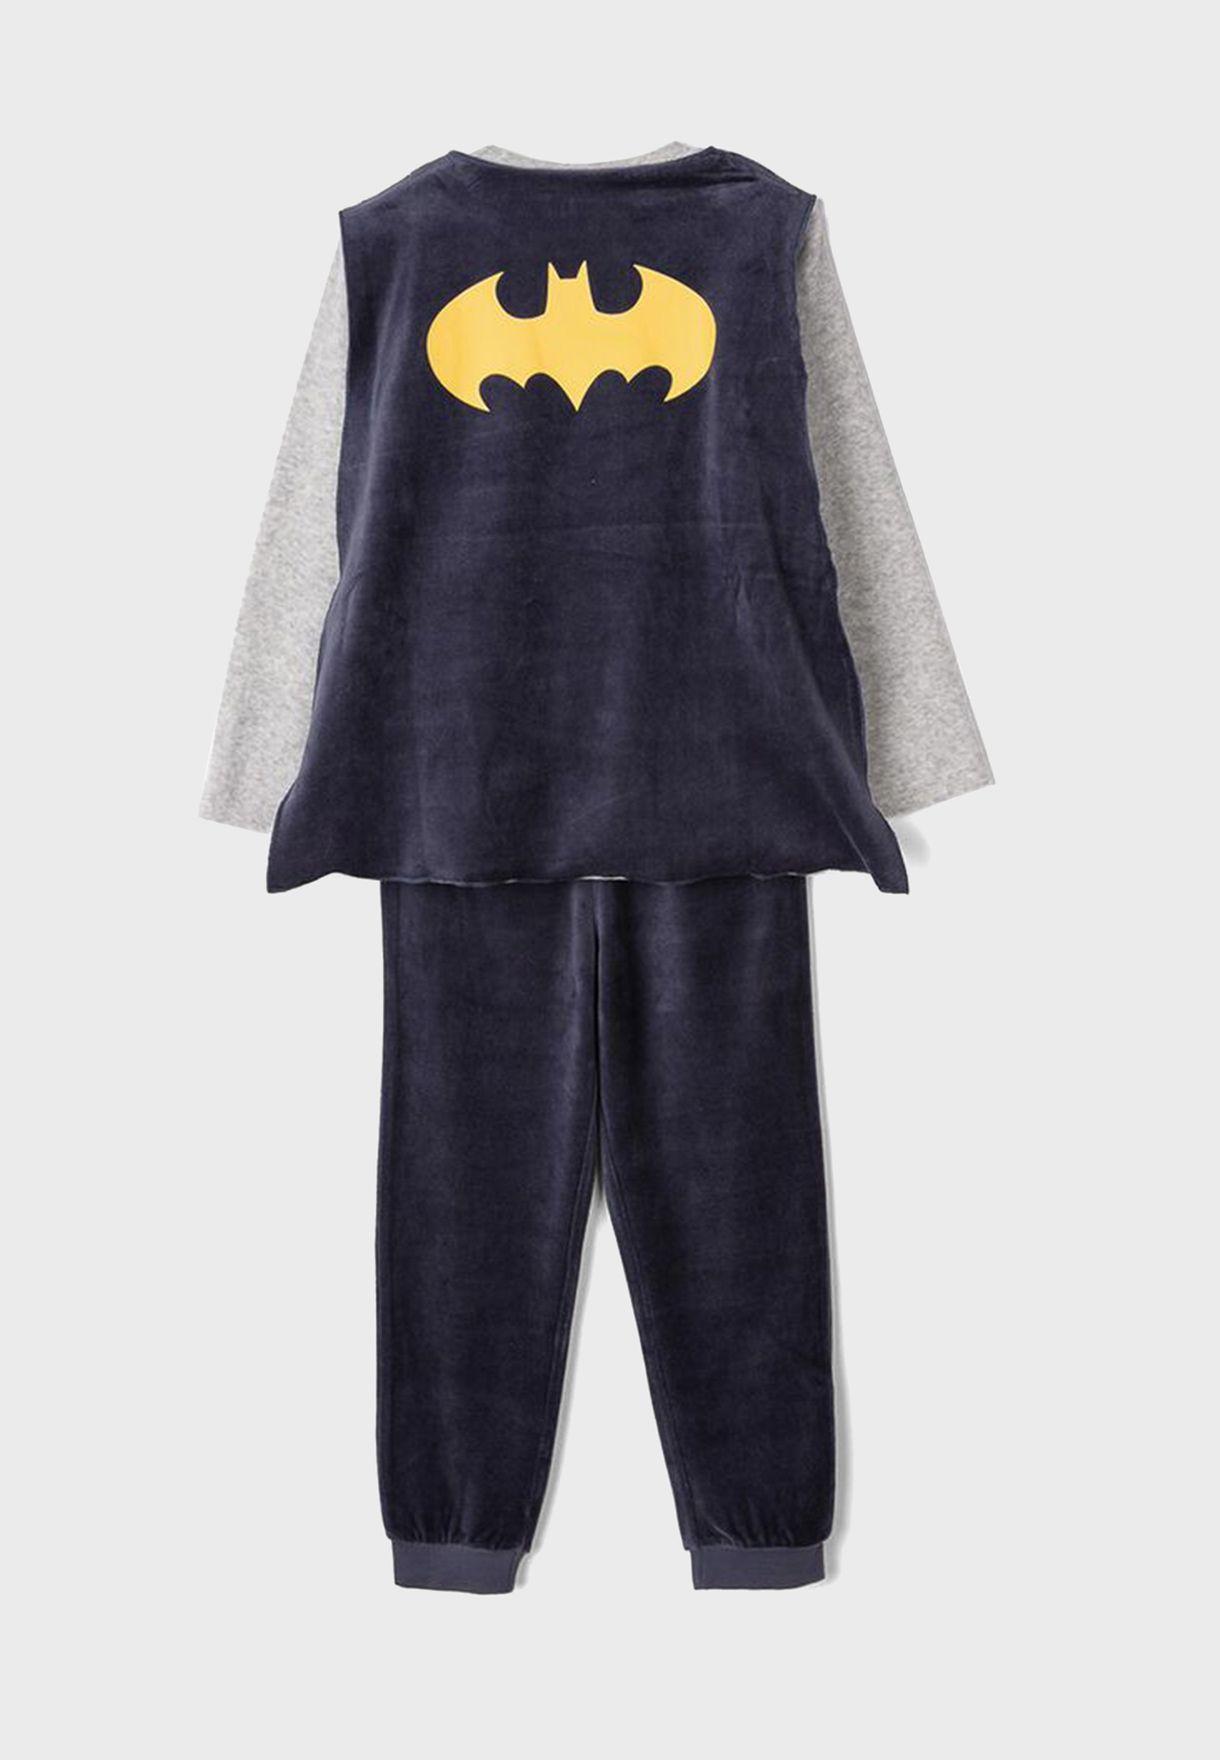 طقم بيجاما باتمان للاطفال